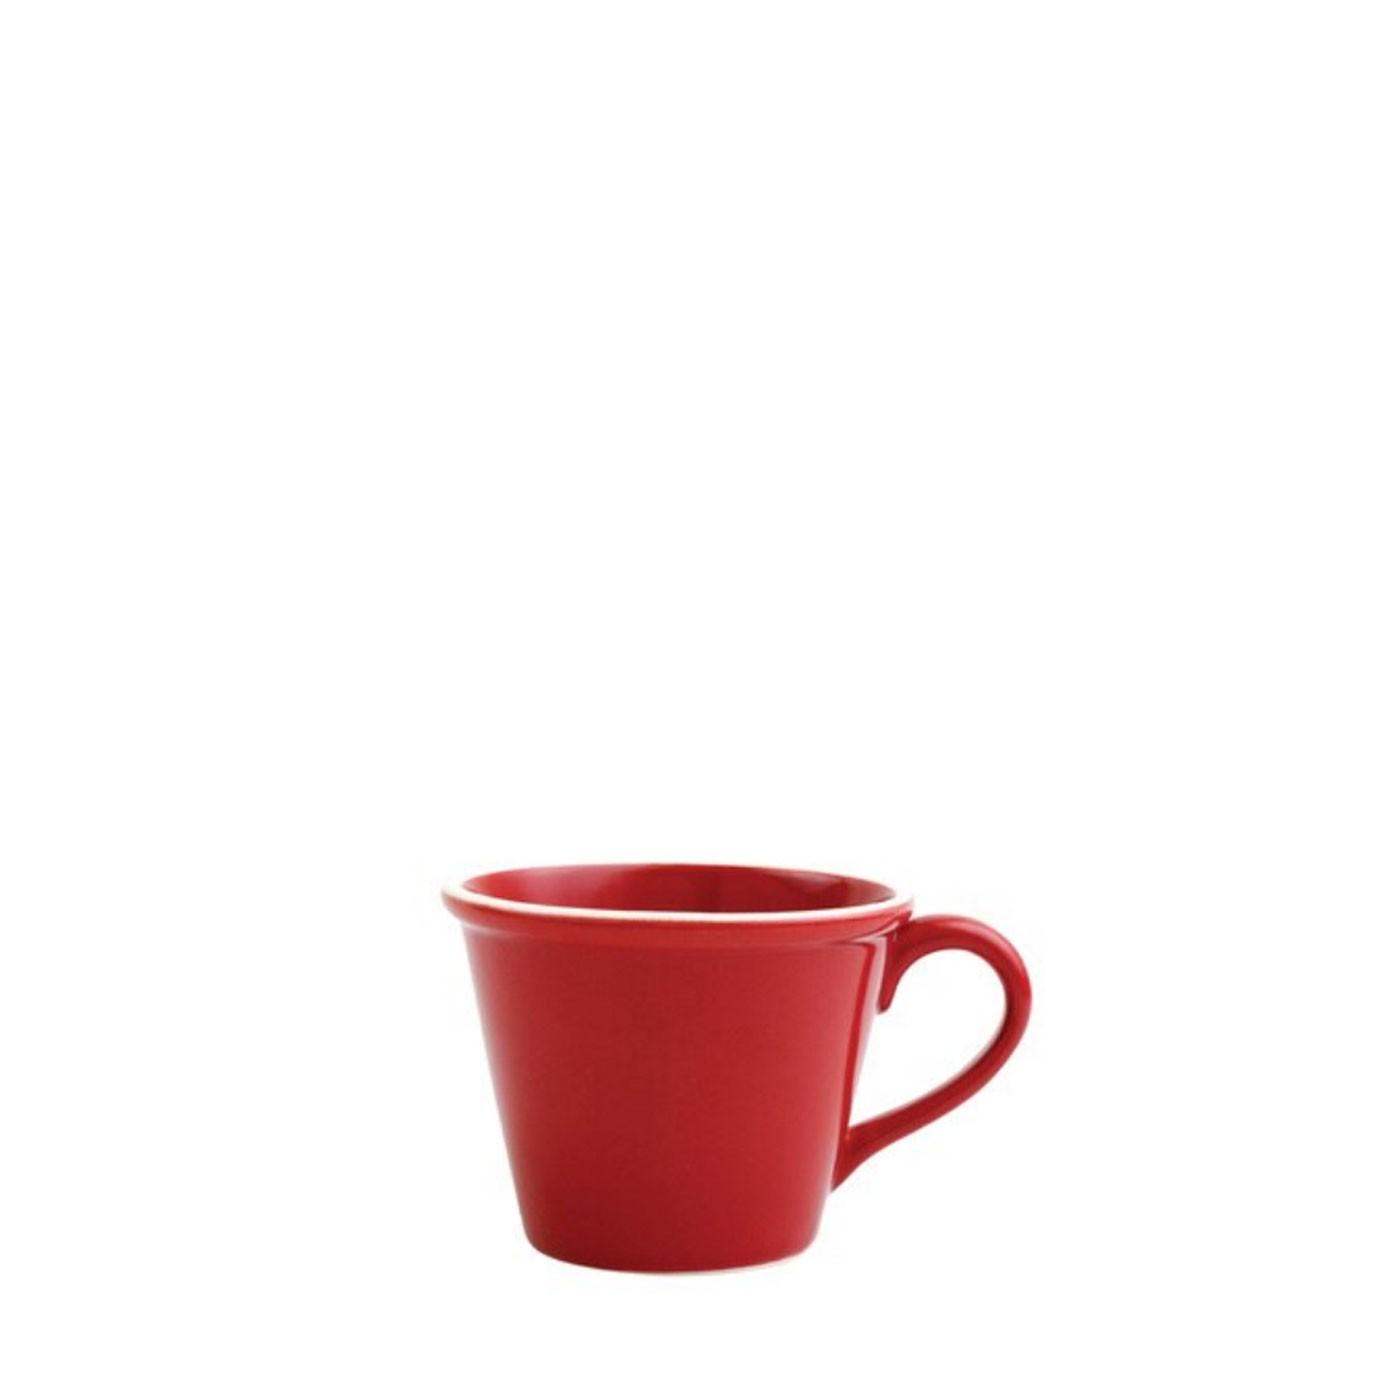 Chroma Red Mug